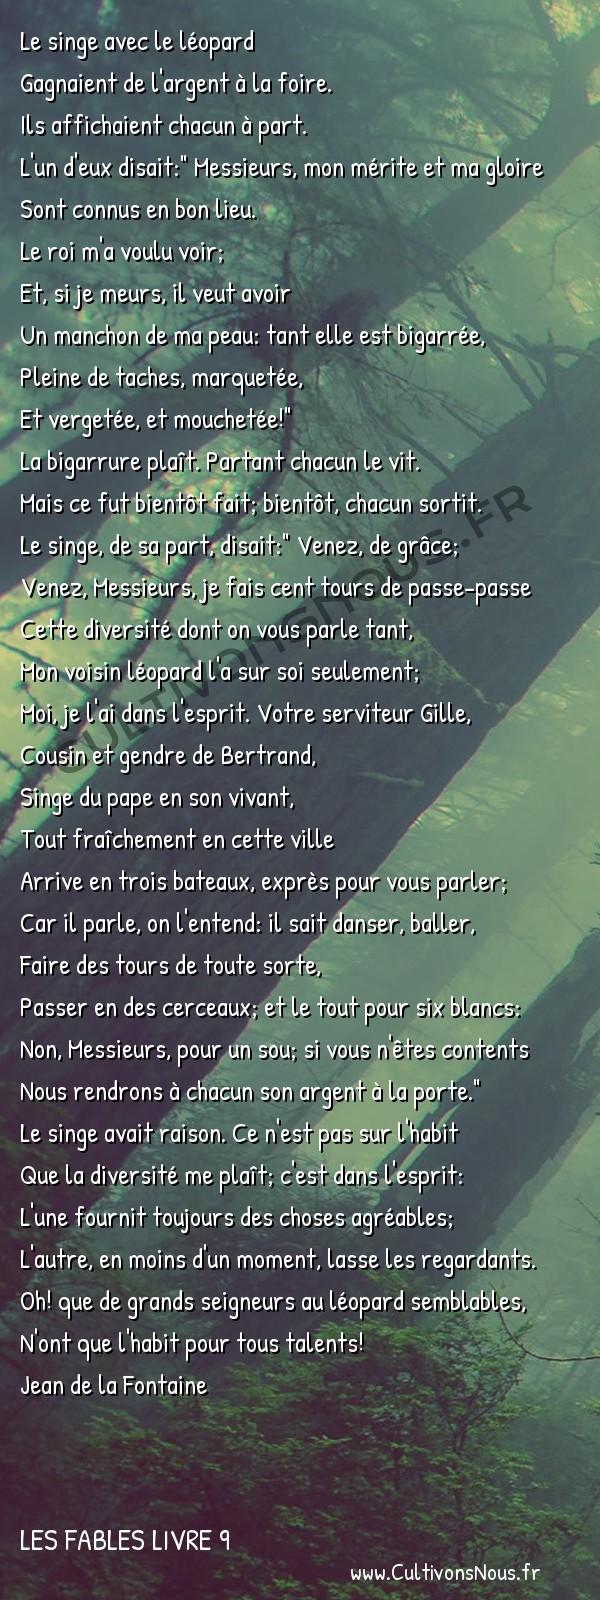 Fables Jean de la Fontaine - Les fables Livre 9 - Le Singe et le Léopard -   Le singe avec le léopard Gagnaient de l'argent à la foire.